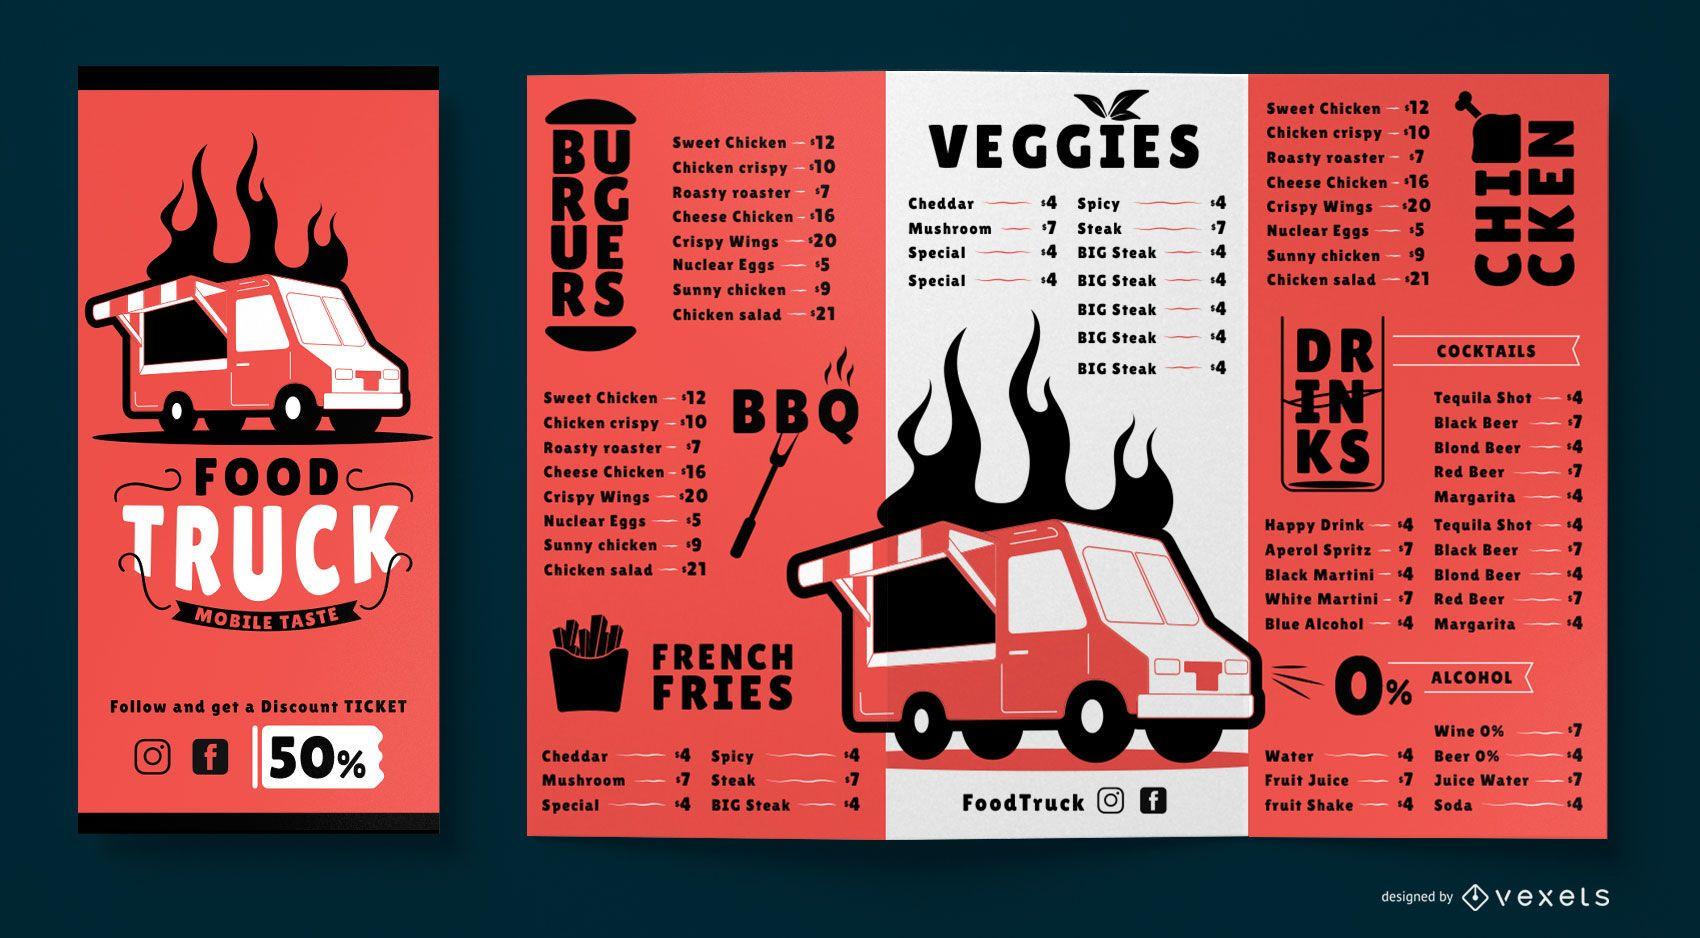 Food Truck Menü Broschüre Vorlage